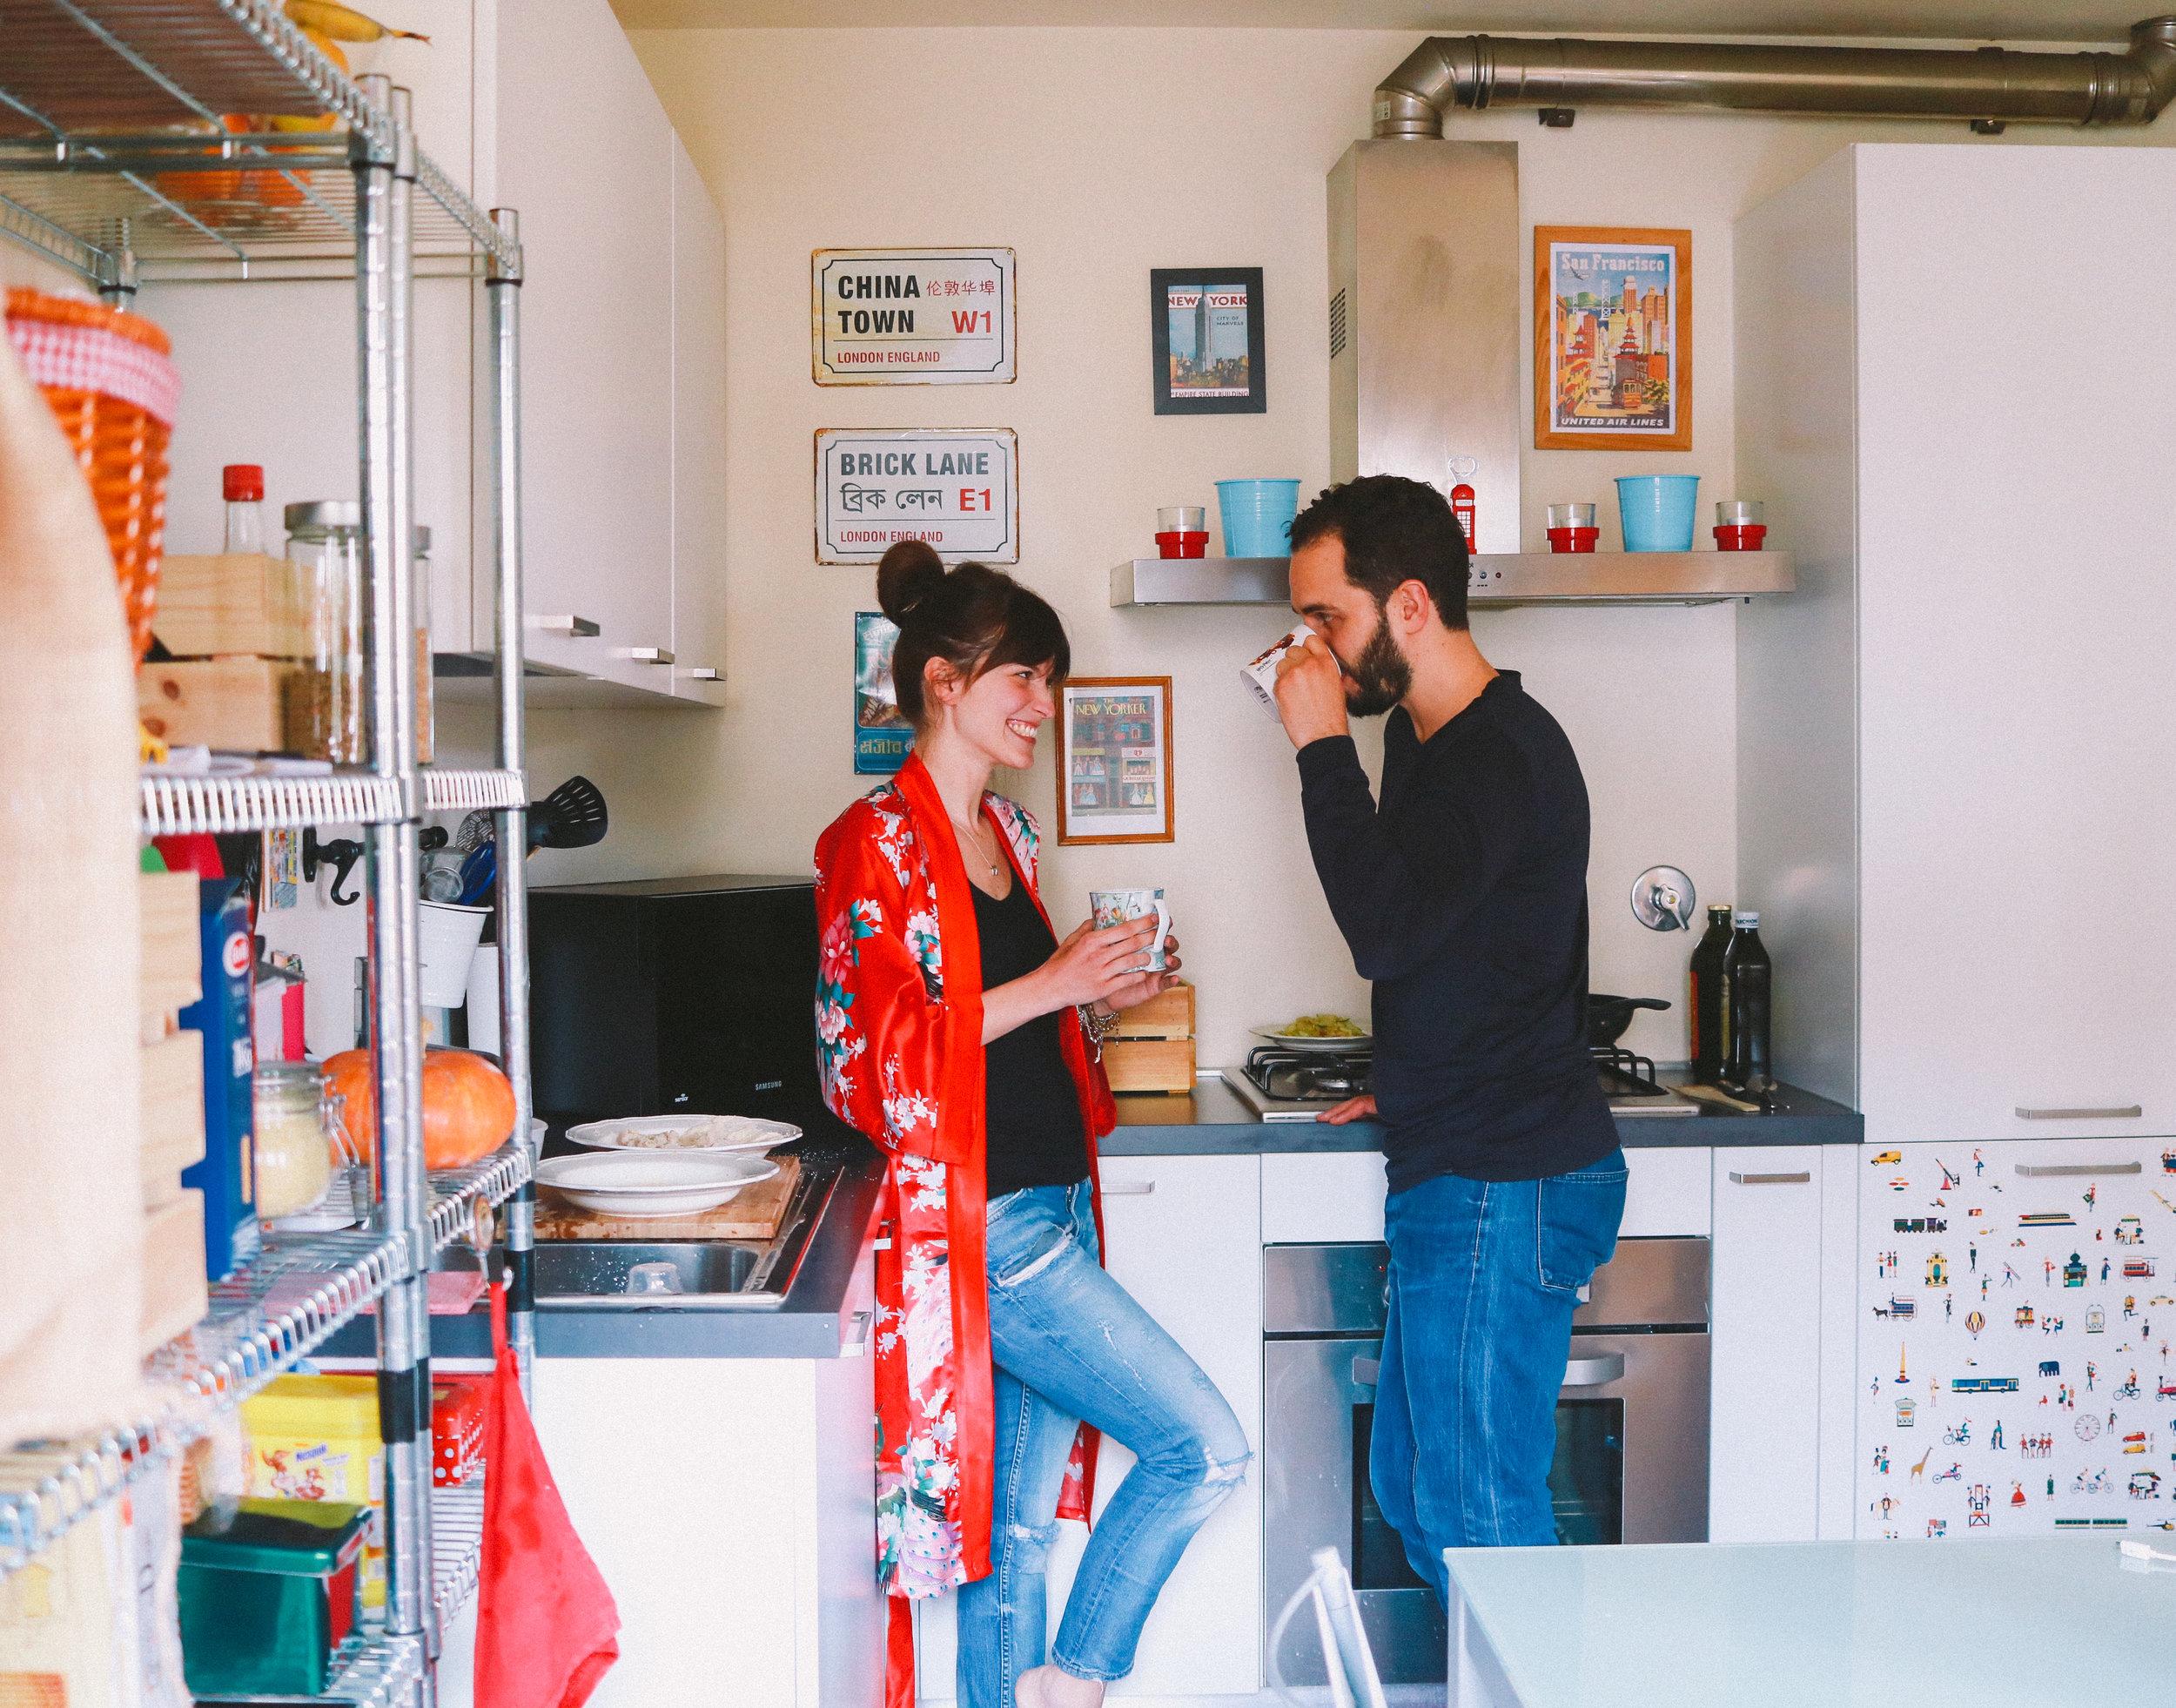 Coppia-Cucina-11.jpg